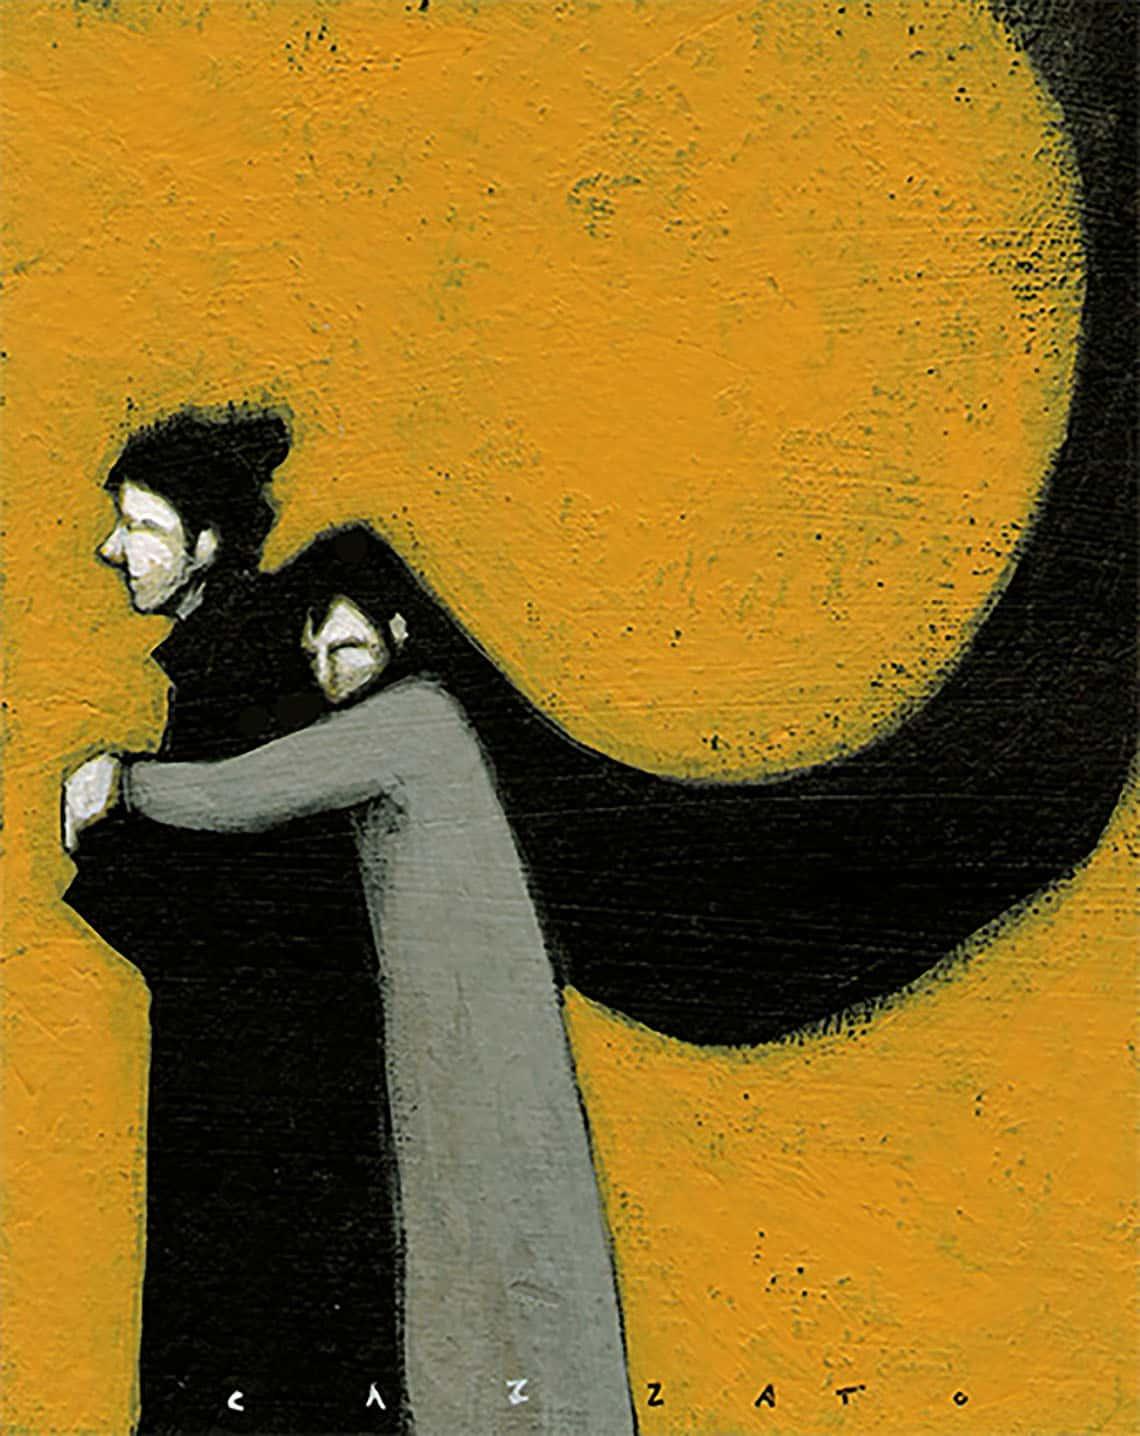 Marco Cazzato illustration hug love